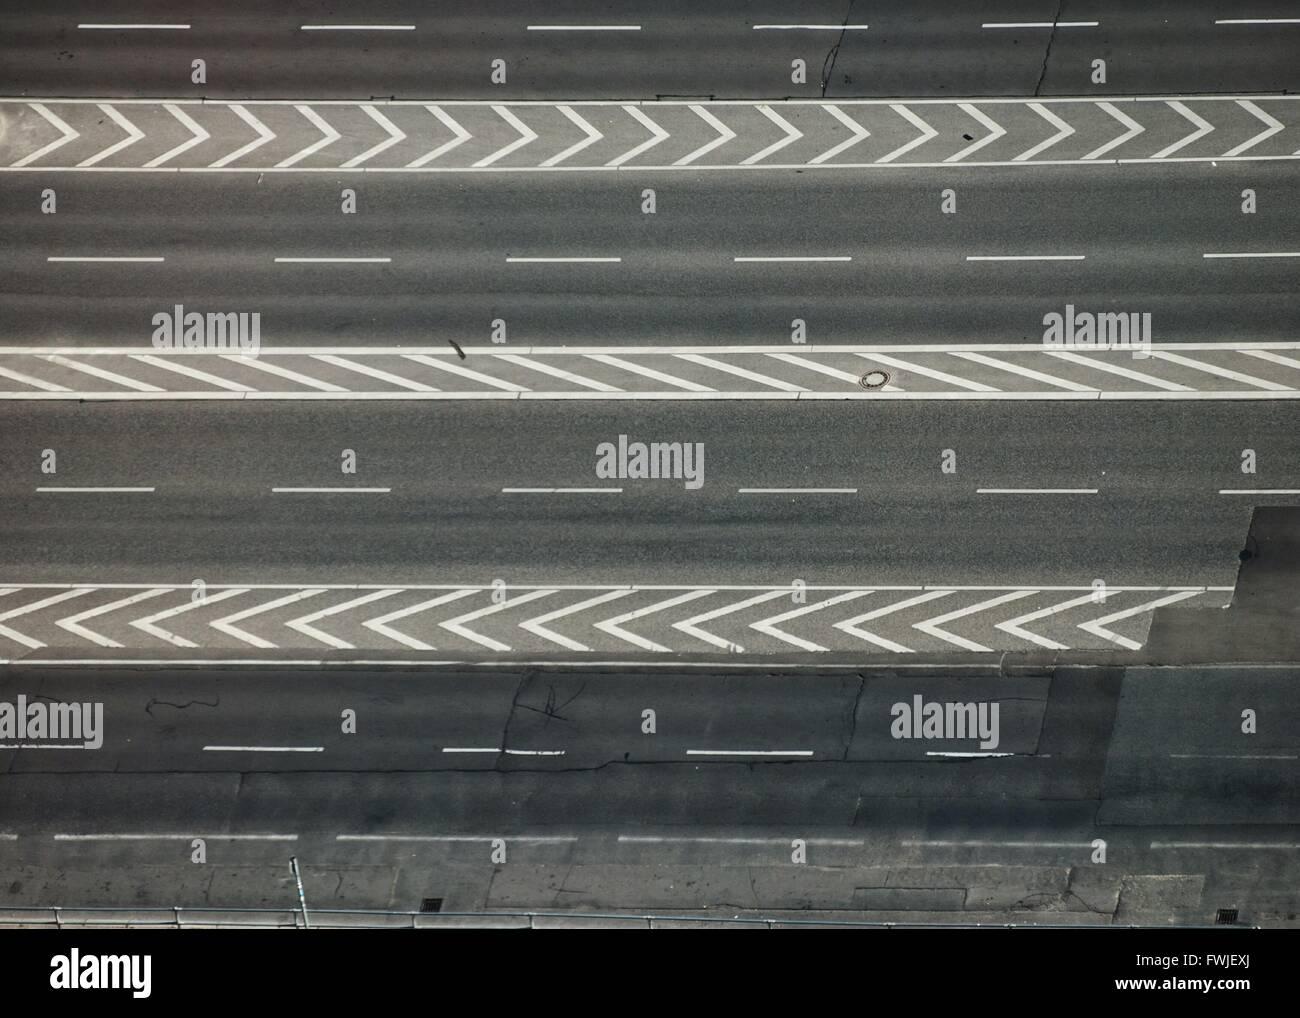 Angolo di Alta Vista di marcature sulla strada Immagini Stock